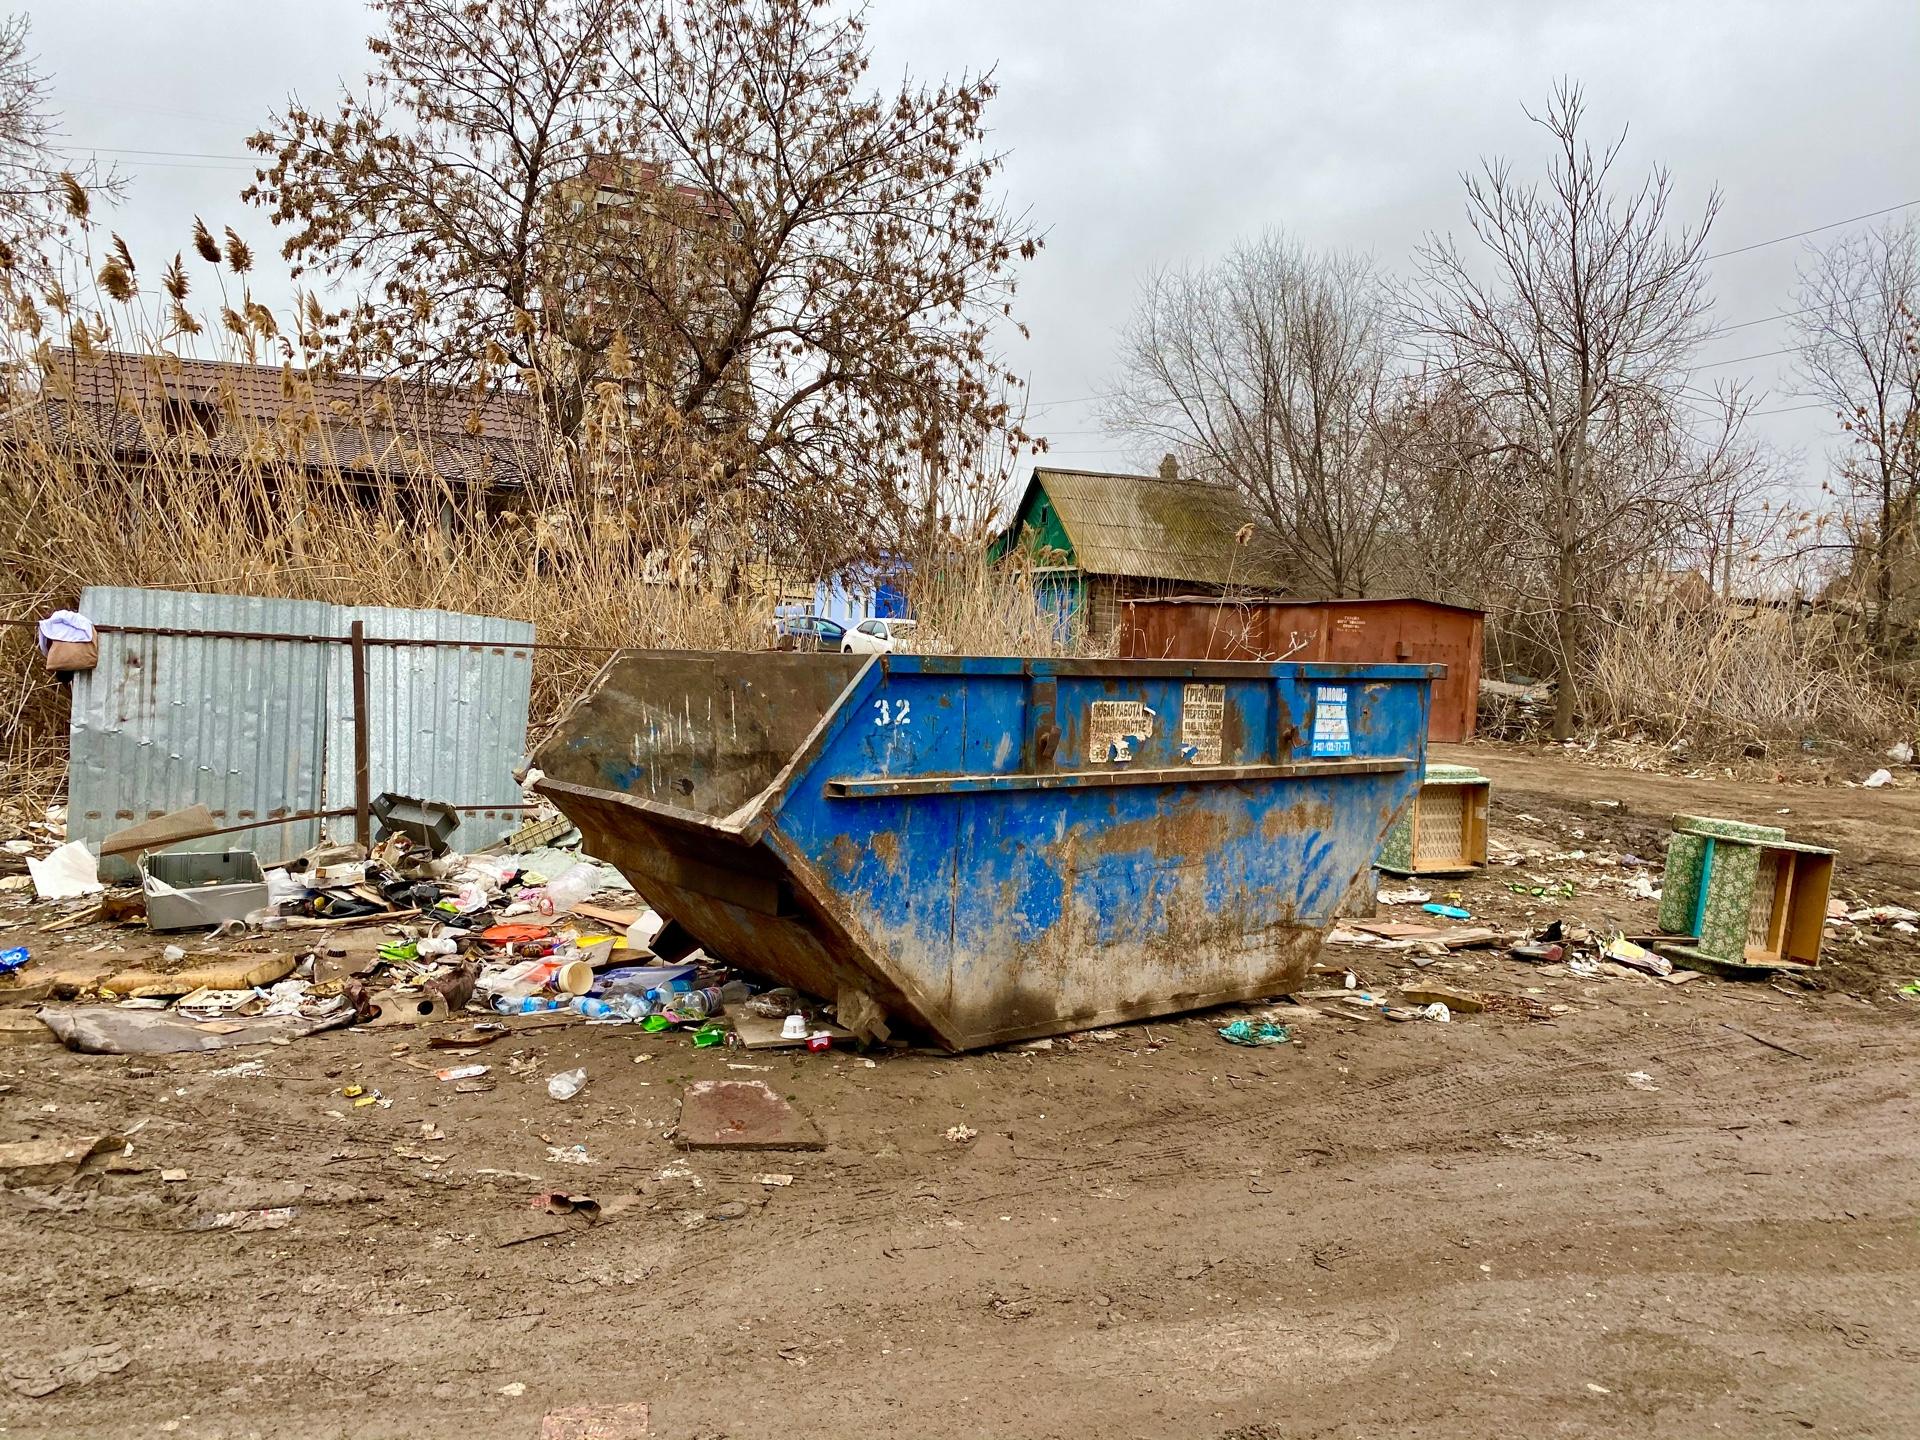 image 26 03 21 04 40 5 В Астрахани ликвидировали несанкционированную свалку